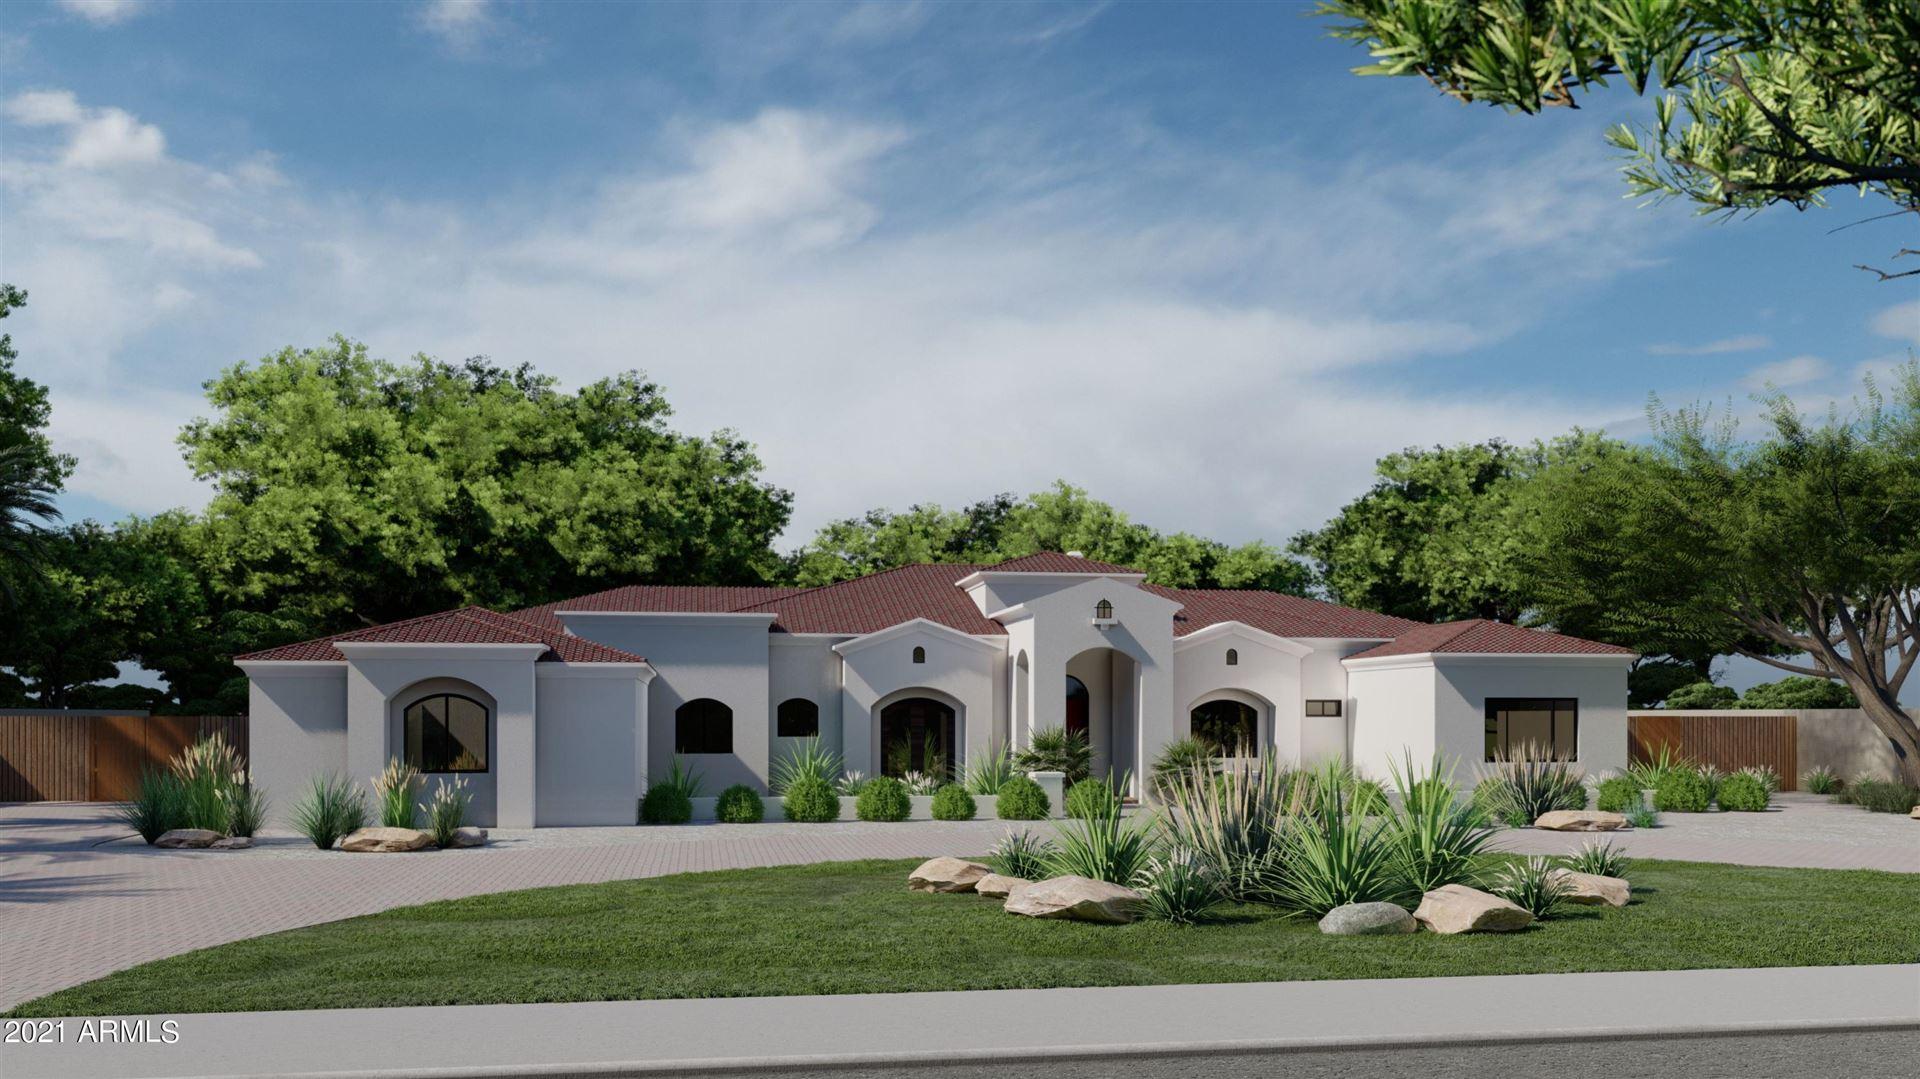 6302 E Via Estrella Avenue, Paradise Valley, AZ 85253 - #: 6200813